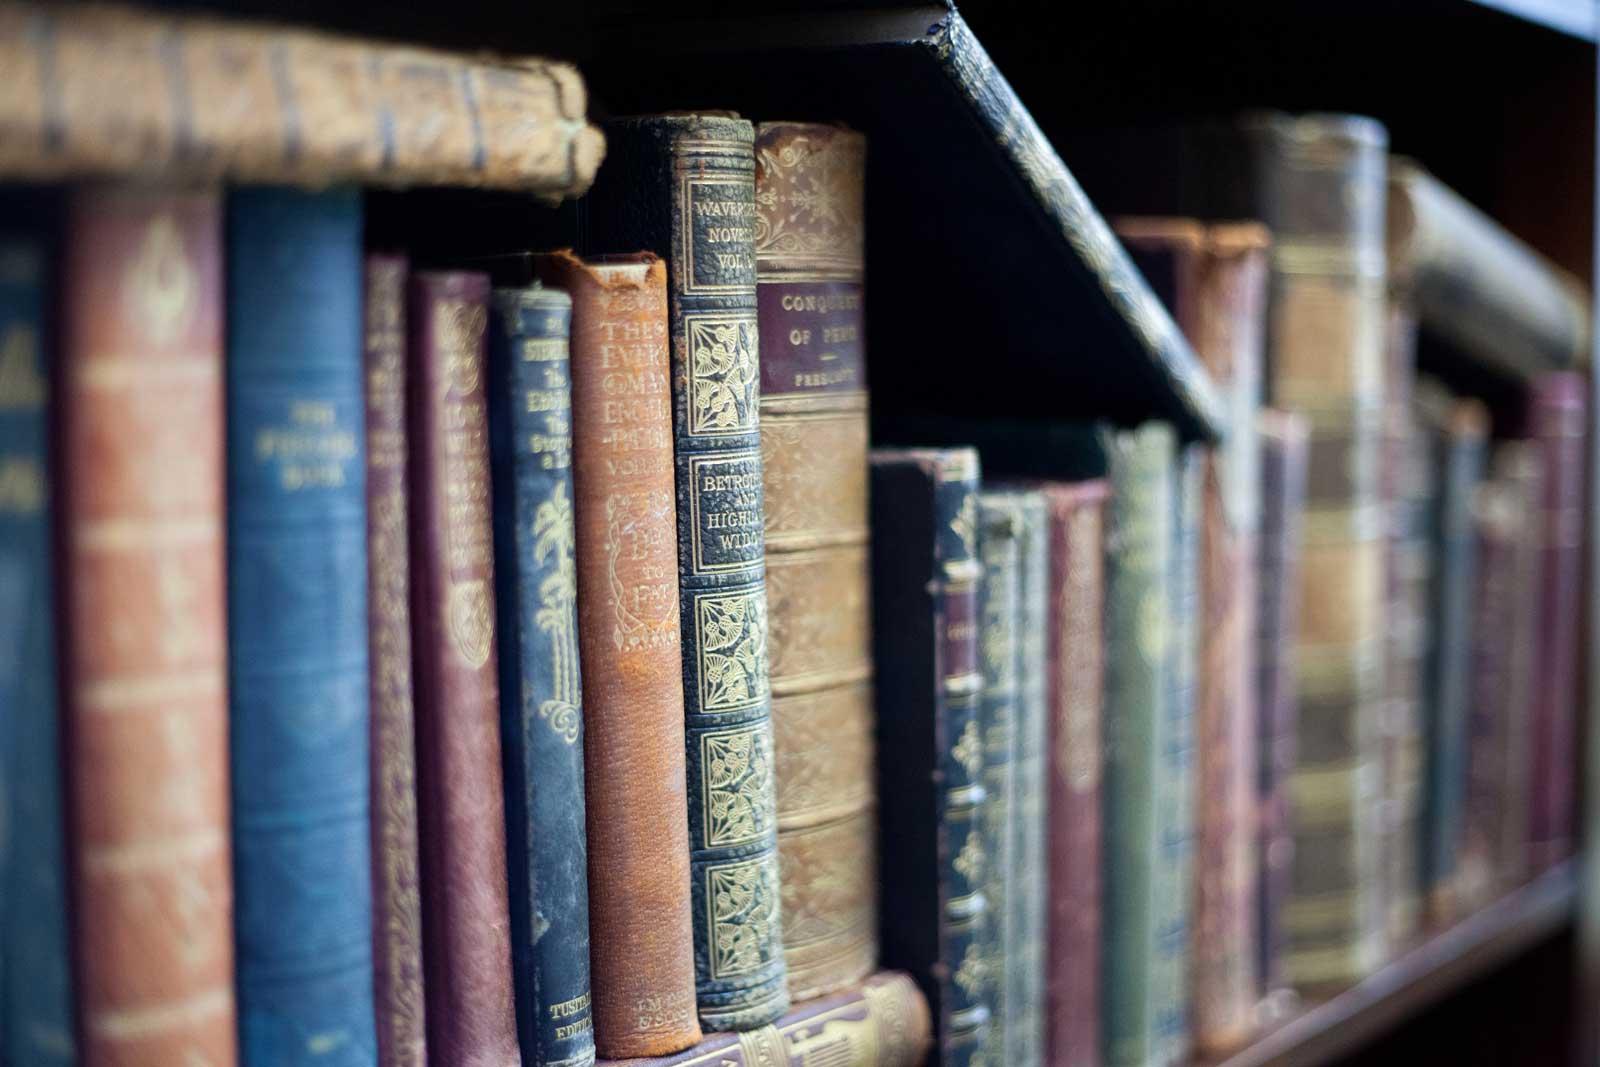 Décor Books Antique Cloth Books. Image: Décor Books